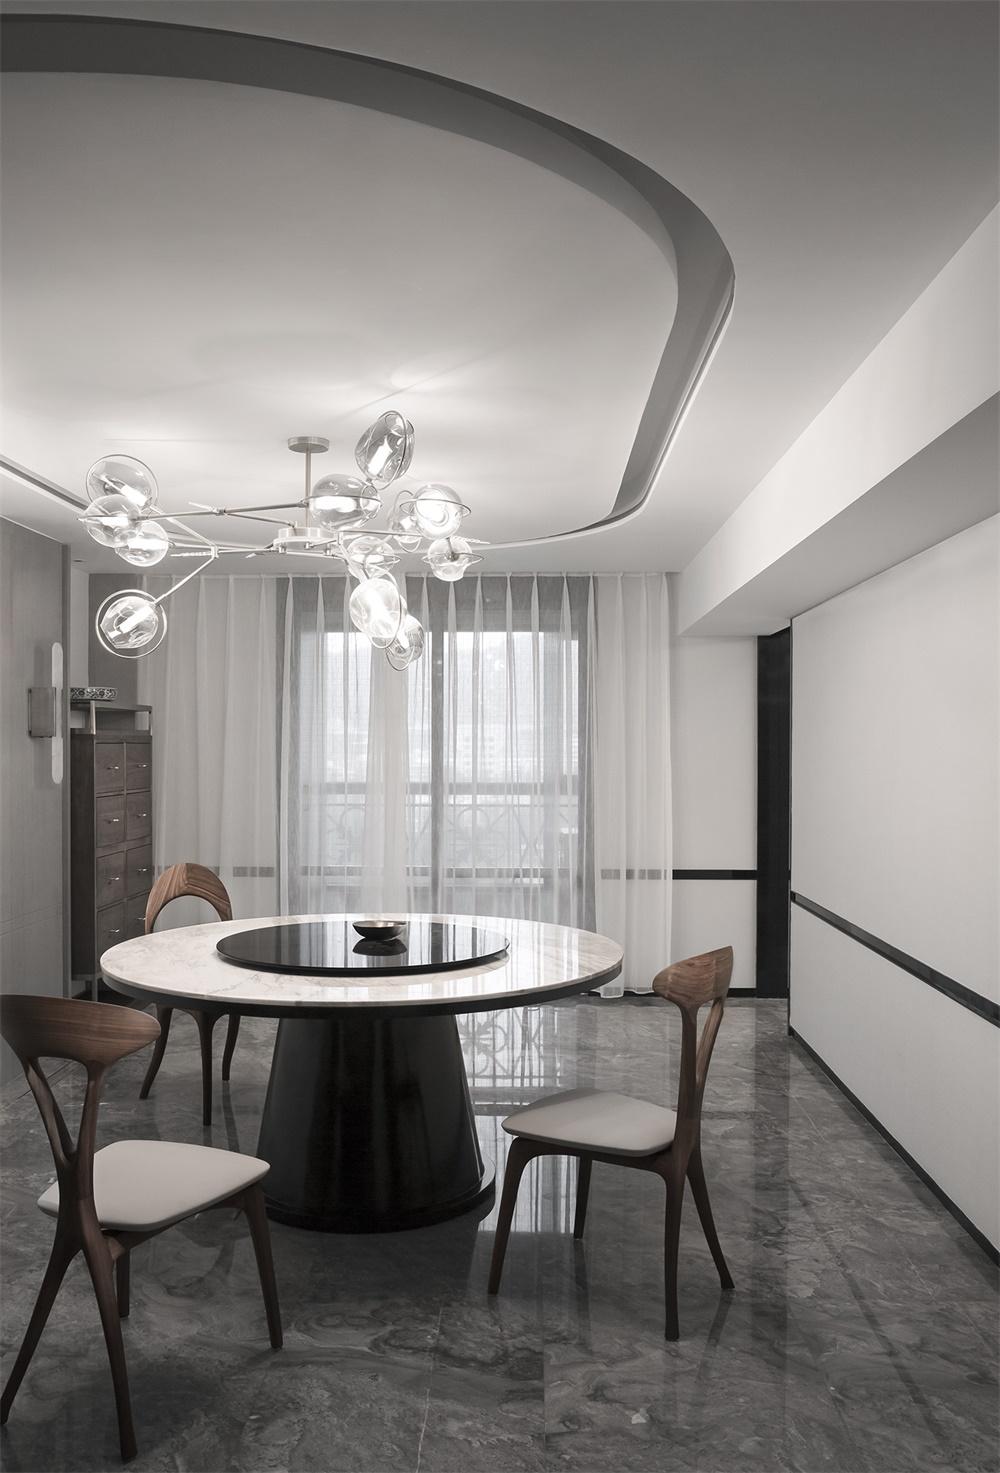 住宅改造诠释东方轻奢美学